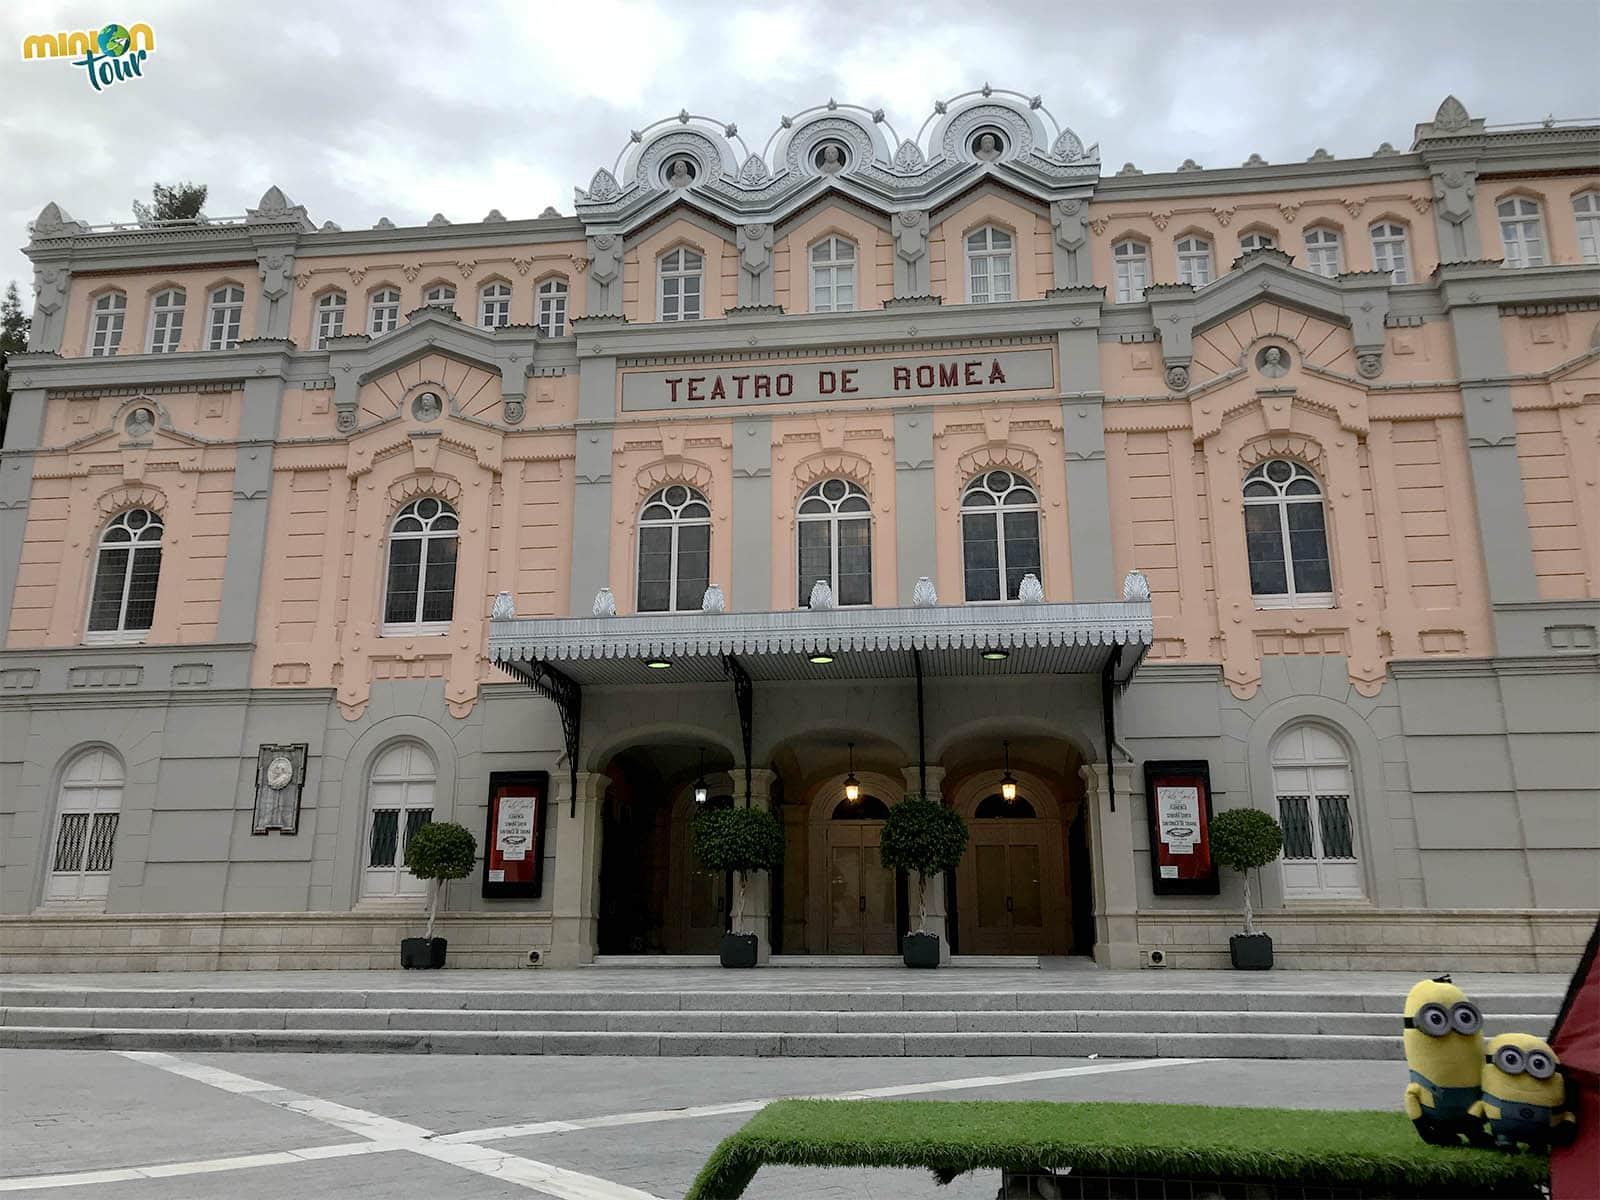 Mirando el Teatro de Romea